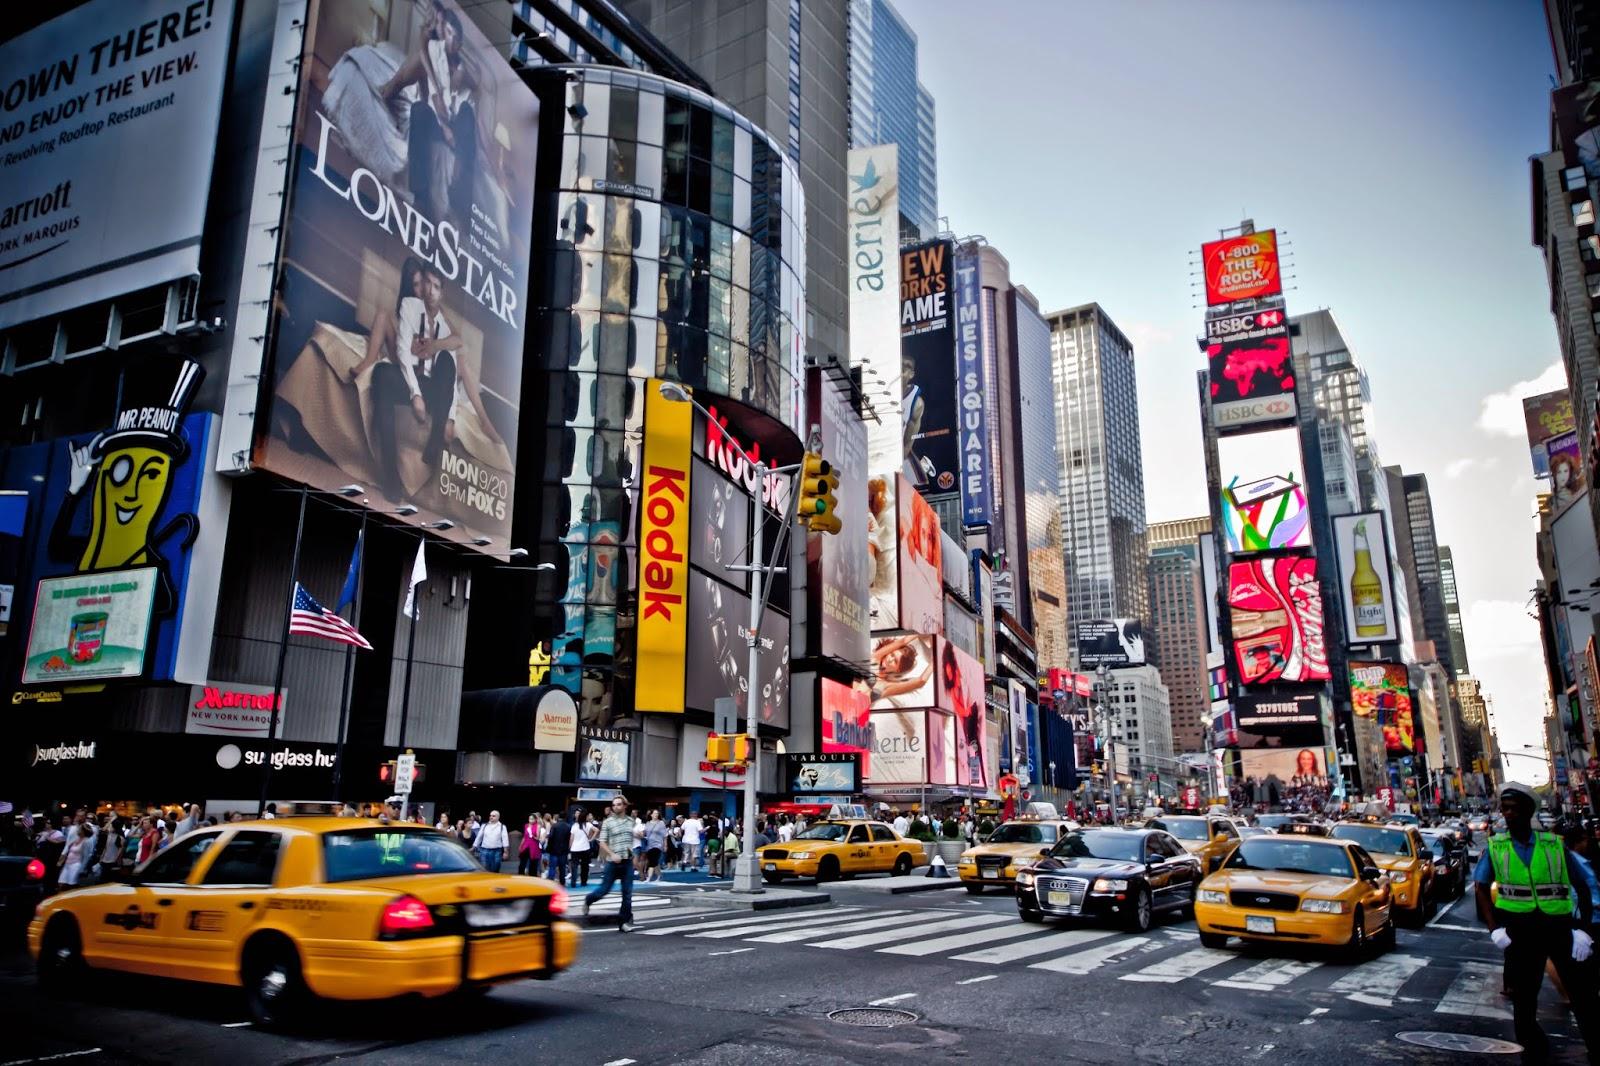 Mujeres que quieren conocer hombres en new york